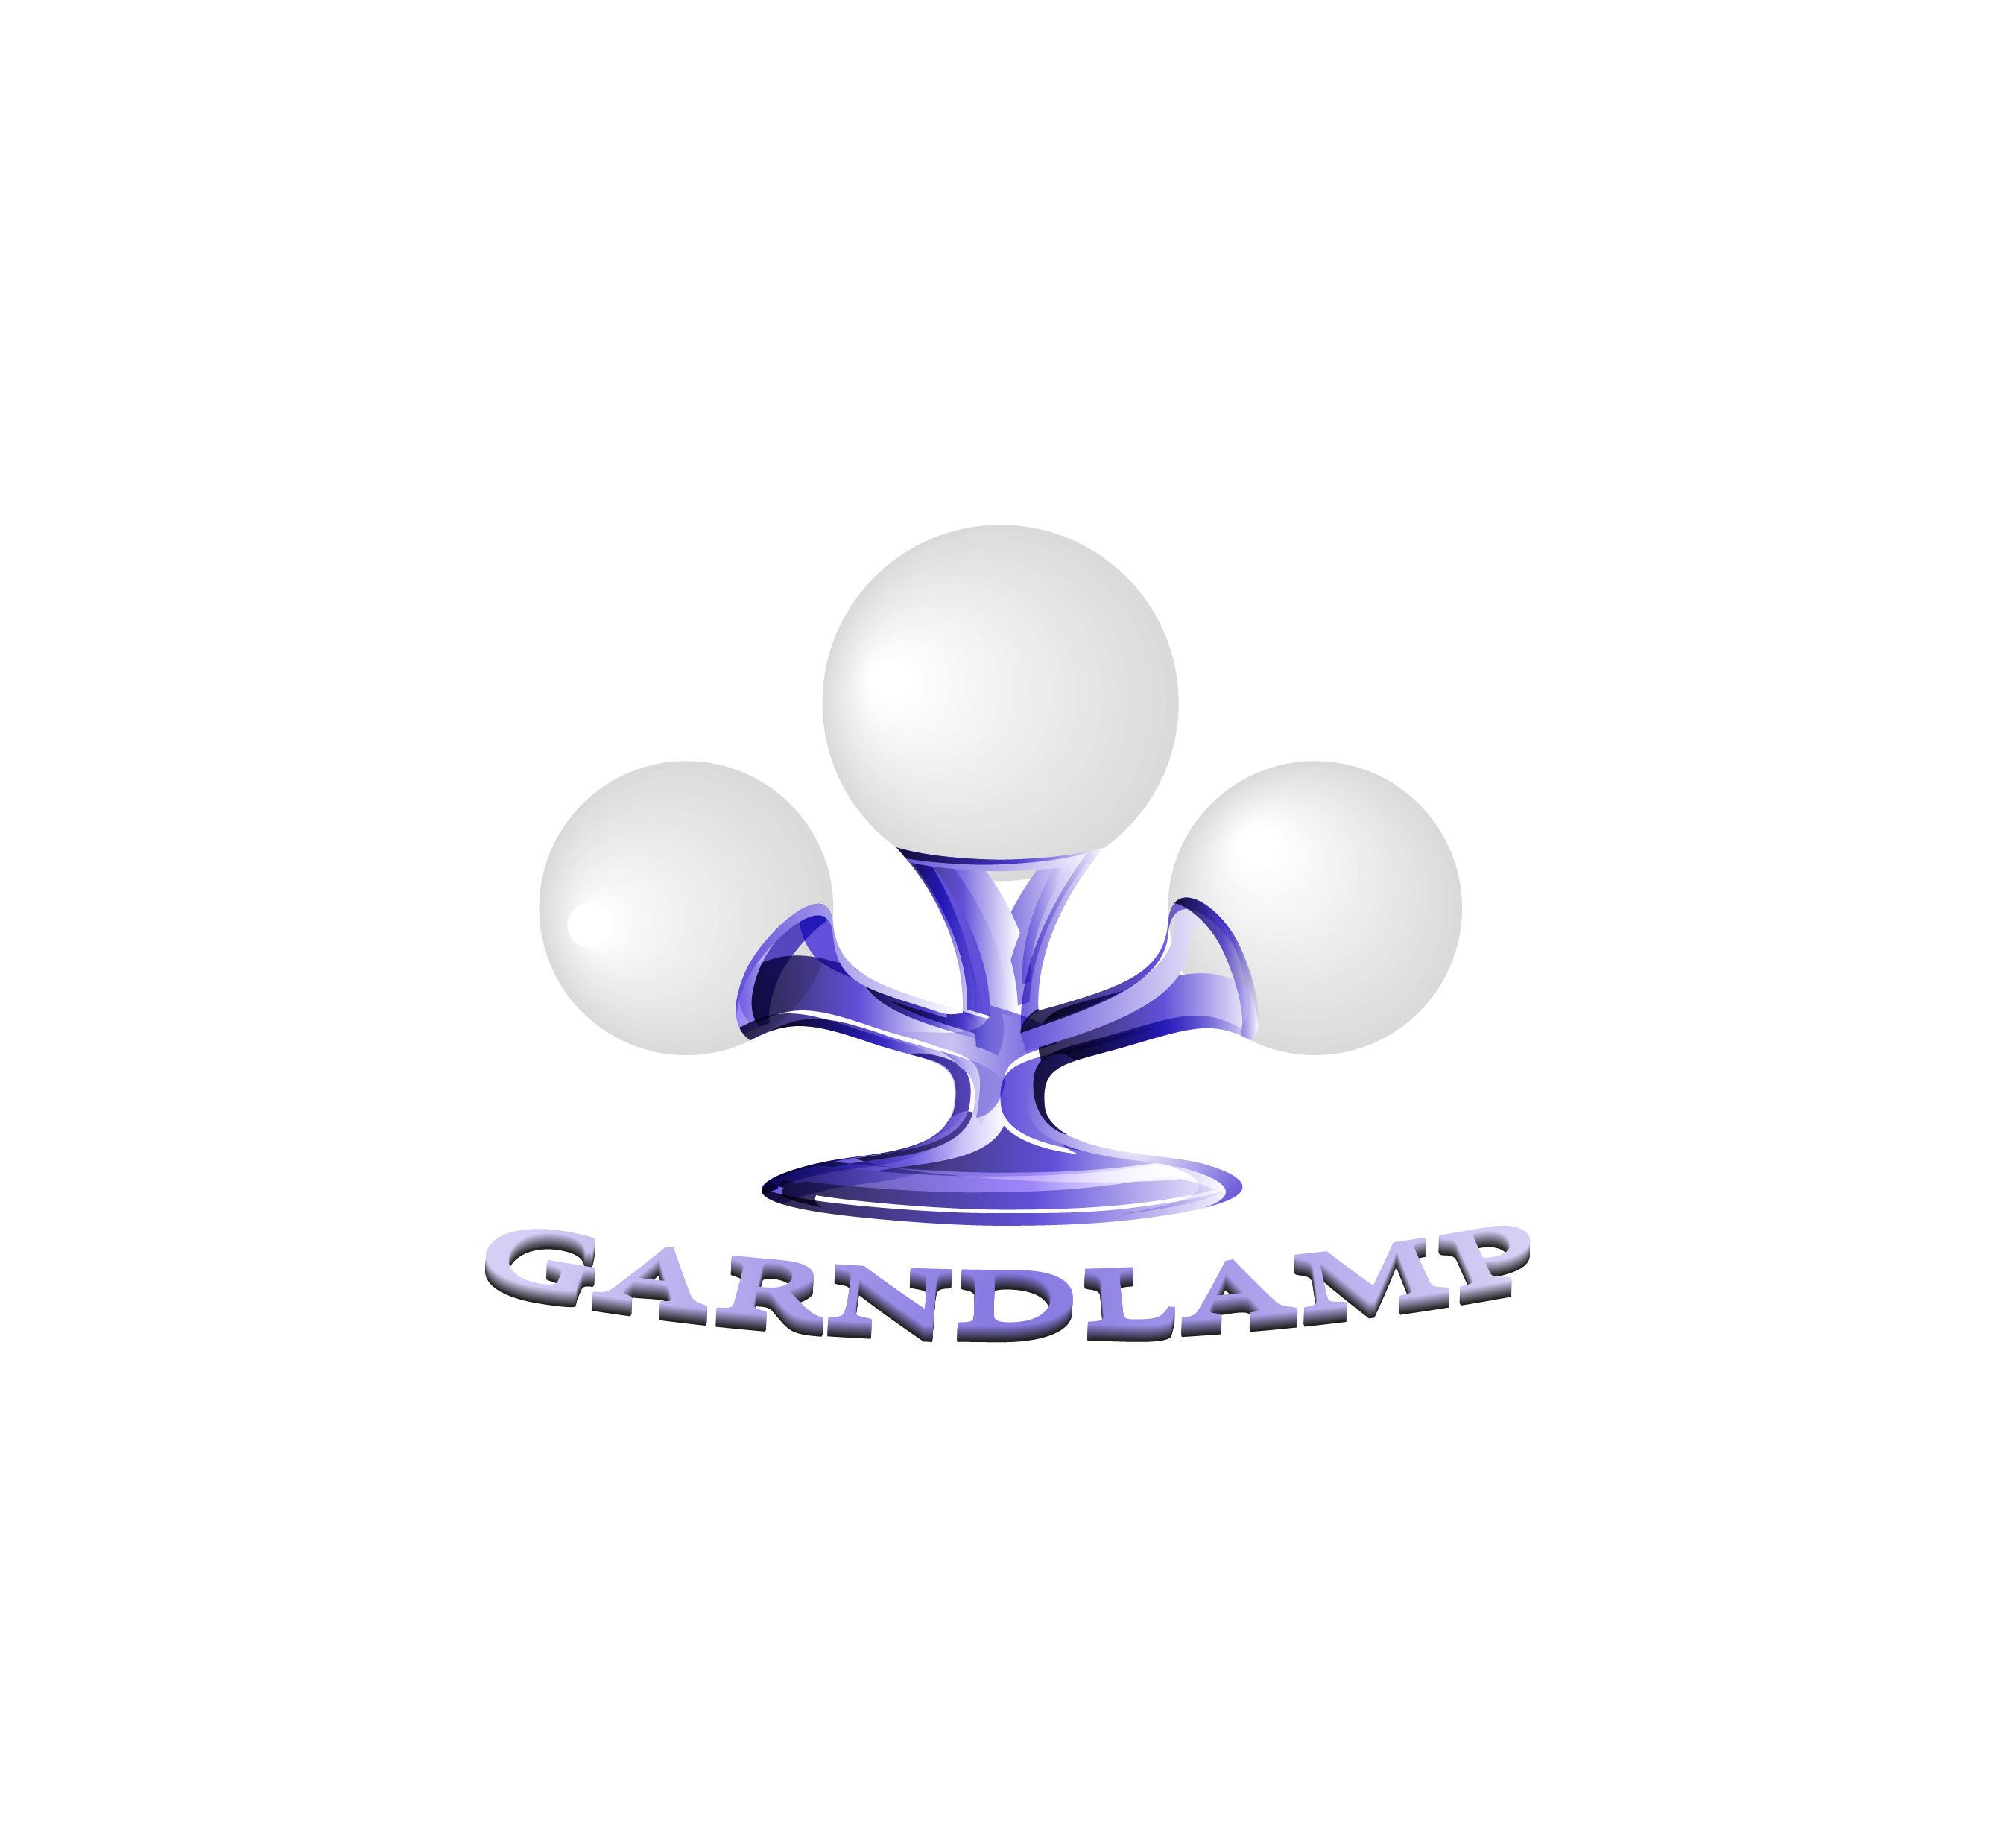 Разработка логотипа и элементов фирменного стиля фото f_664580f59fbccca3.jpg